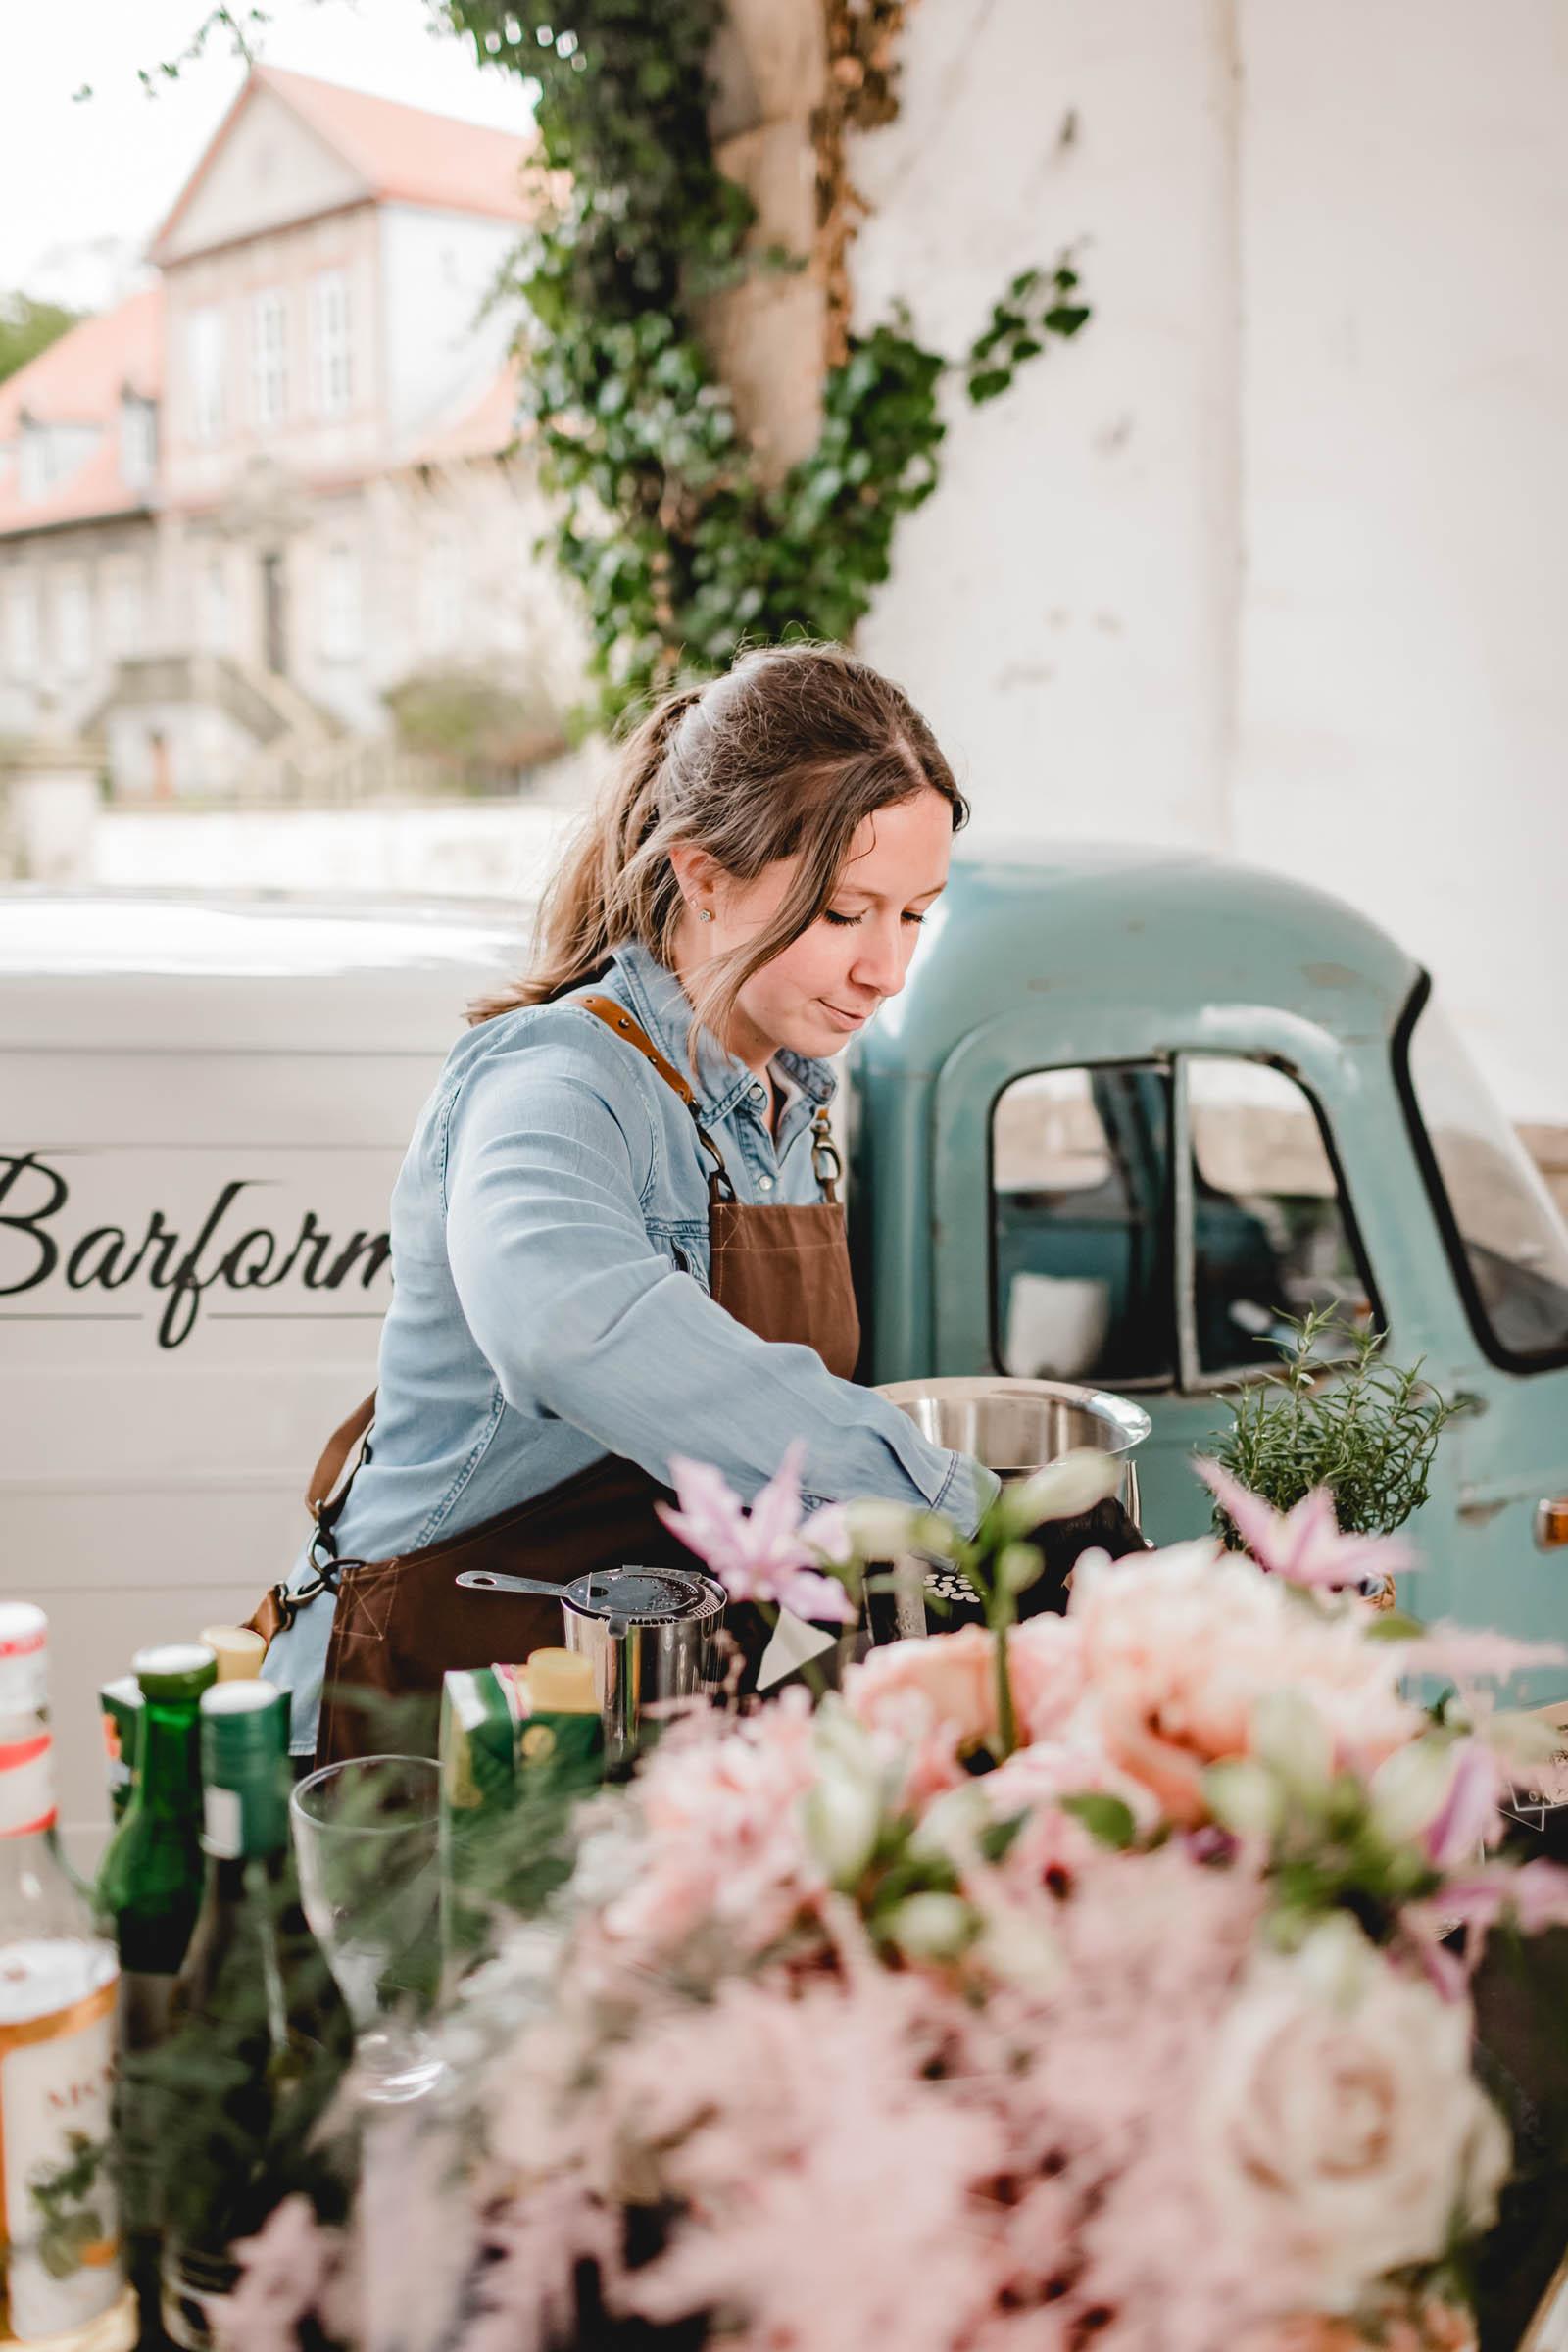 Barformat | Mobile | Bar | Hannover | Hamburg | Bremen | Braunschweig | Cocktailbar | Sektempfang | Bulli | Bar | Hochzeit | Cocktailservice | Barkeeper | Messen | Firmenfeiern | Catering | Food | Getränke | Truck | Ape | VW